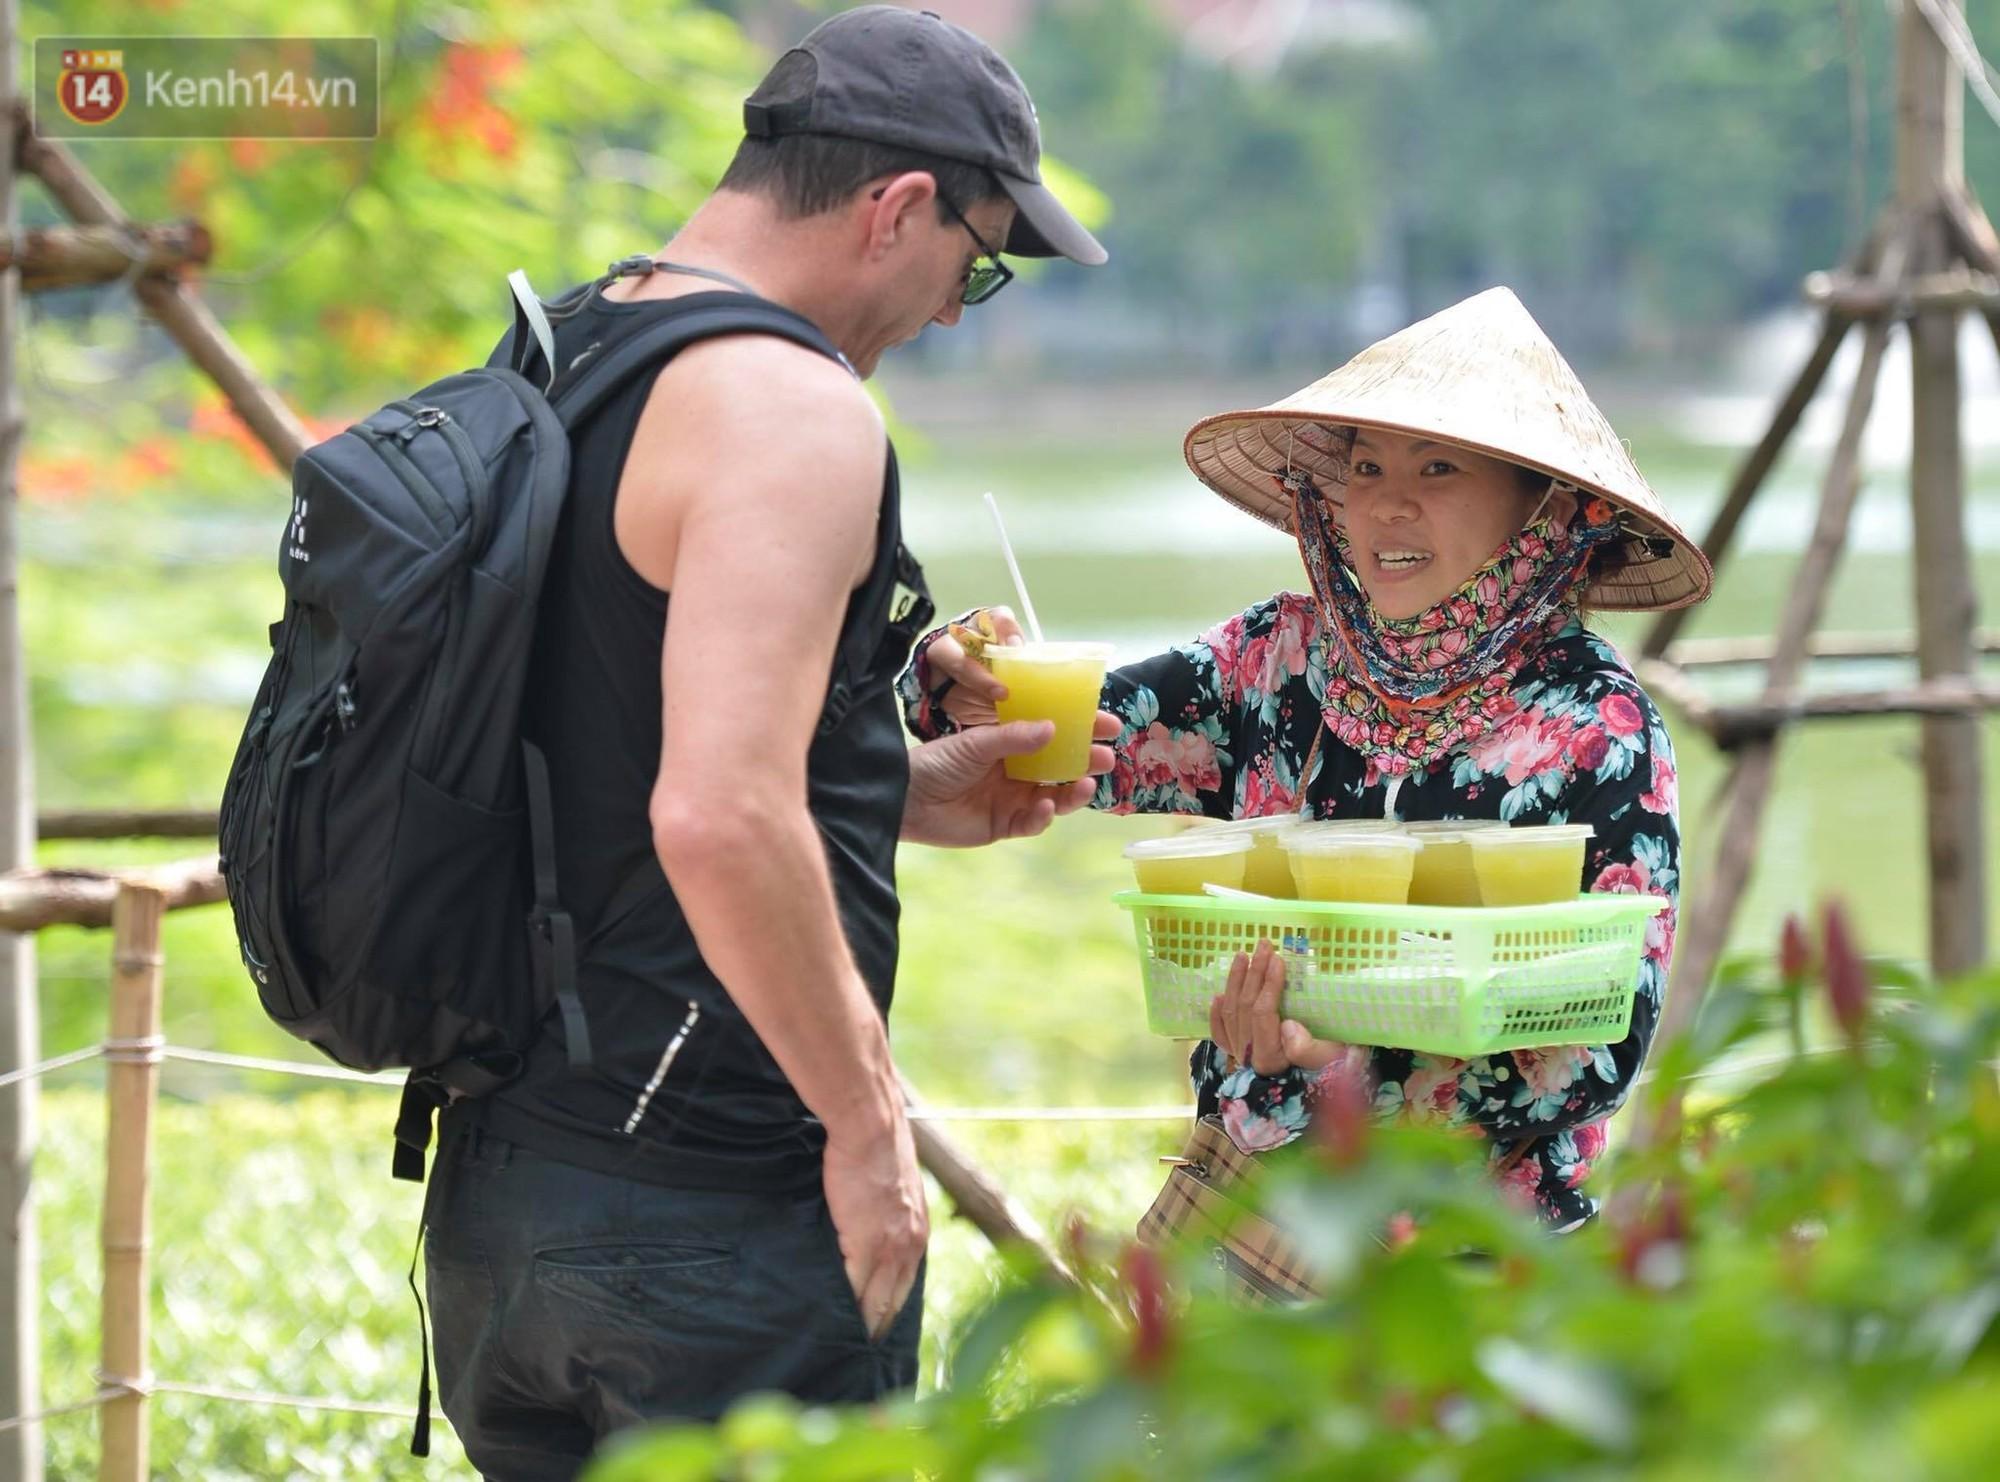 Phố đi bộ vắng tanh gần cuối giờ chiều, nhiệt độ đỉnh điểm ở Hà Nội lên tới 44 độ C 7